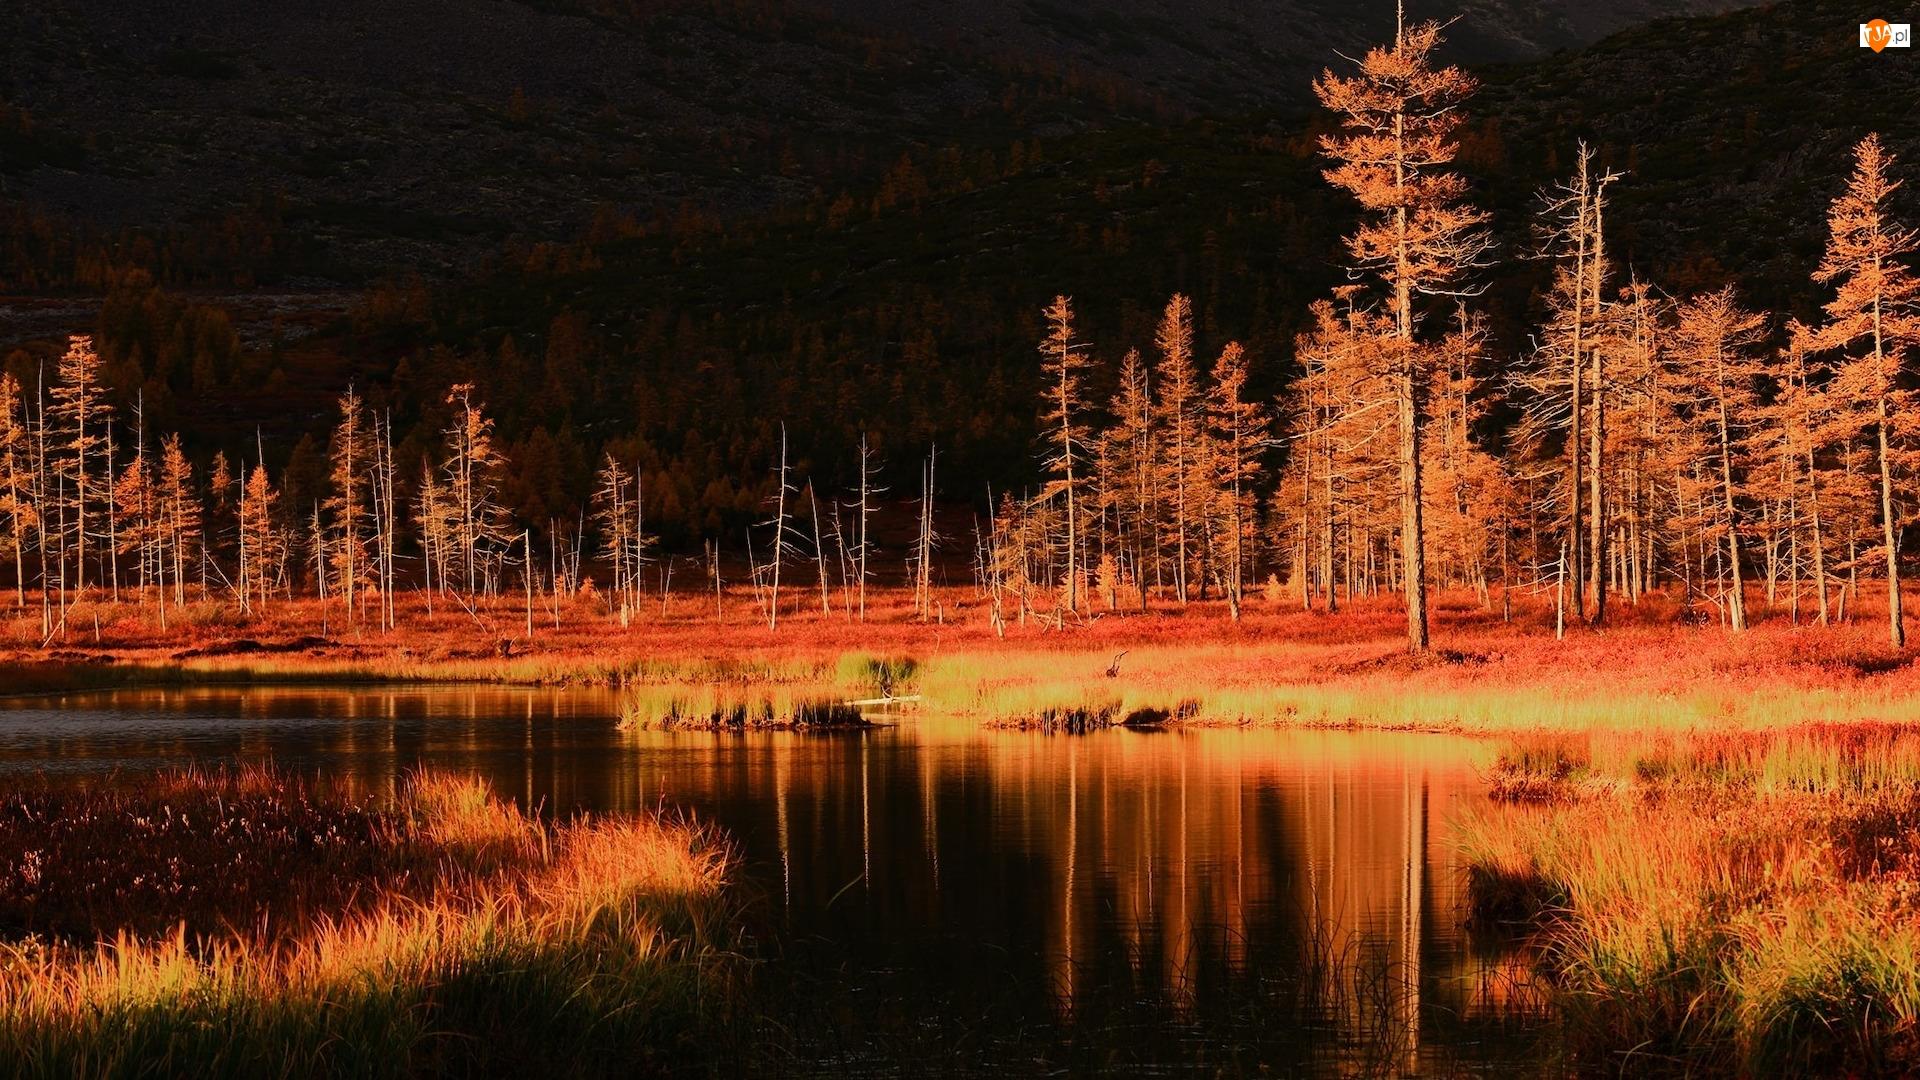 Drzewa, Odbicie, Pożółkłe, Jesień, Jezioro